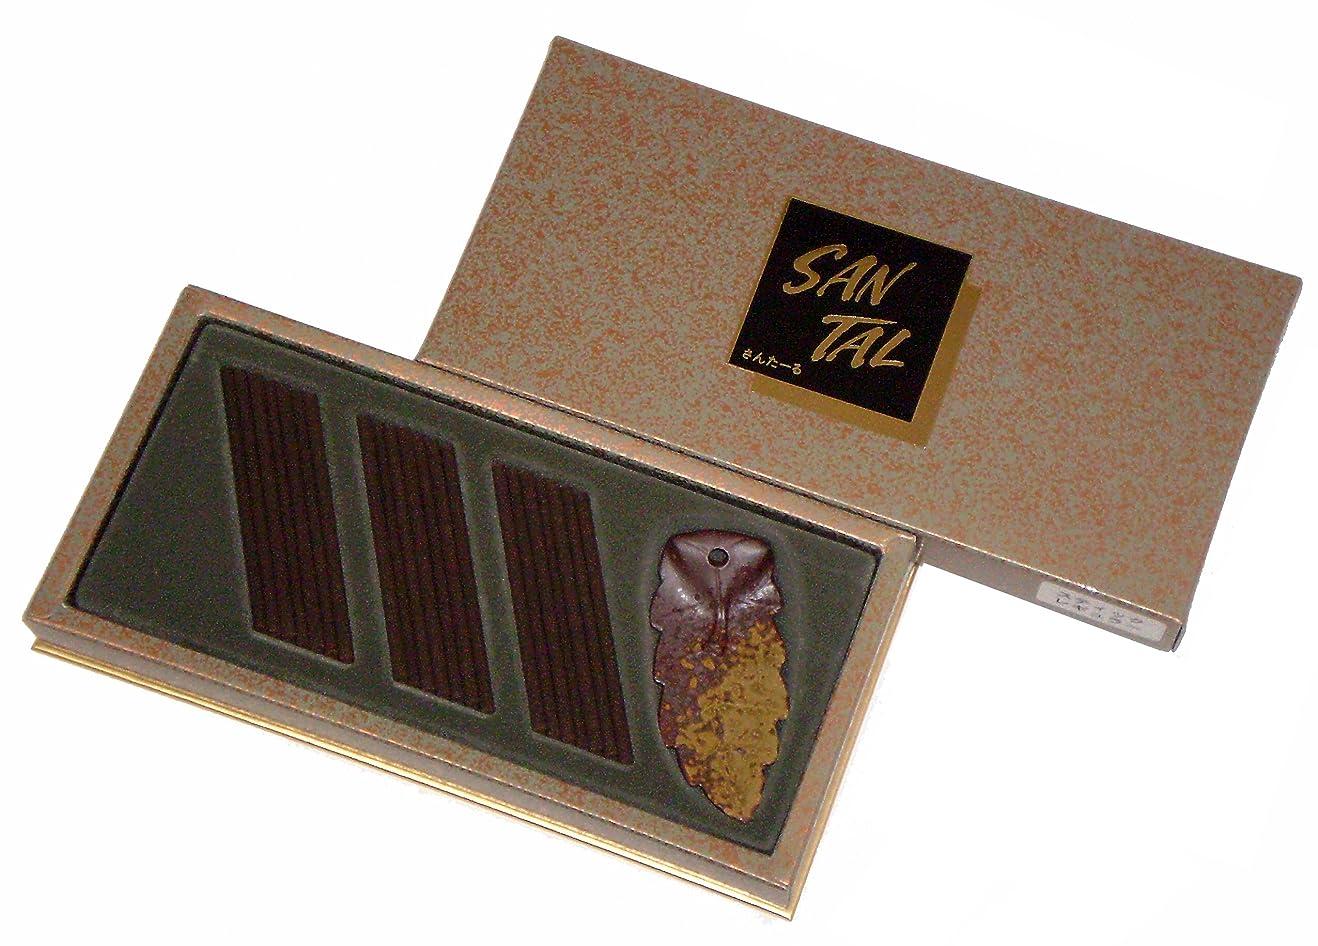 起点チャーター控える玉初堂のお香 サンタール スティックレギュラーセット #5212